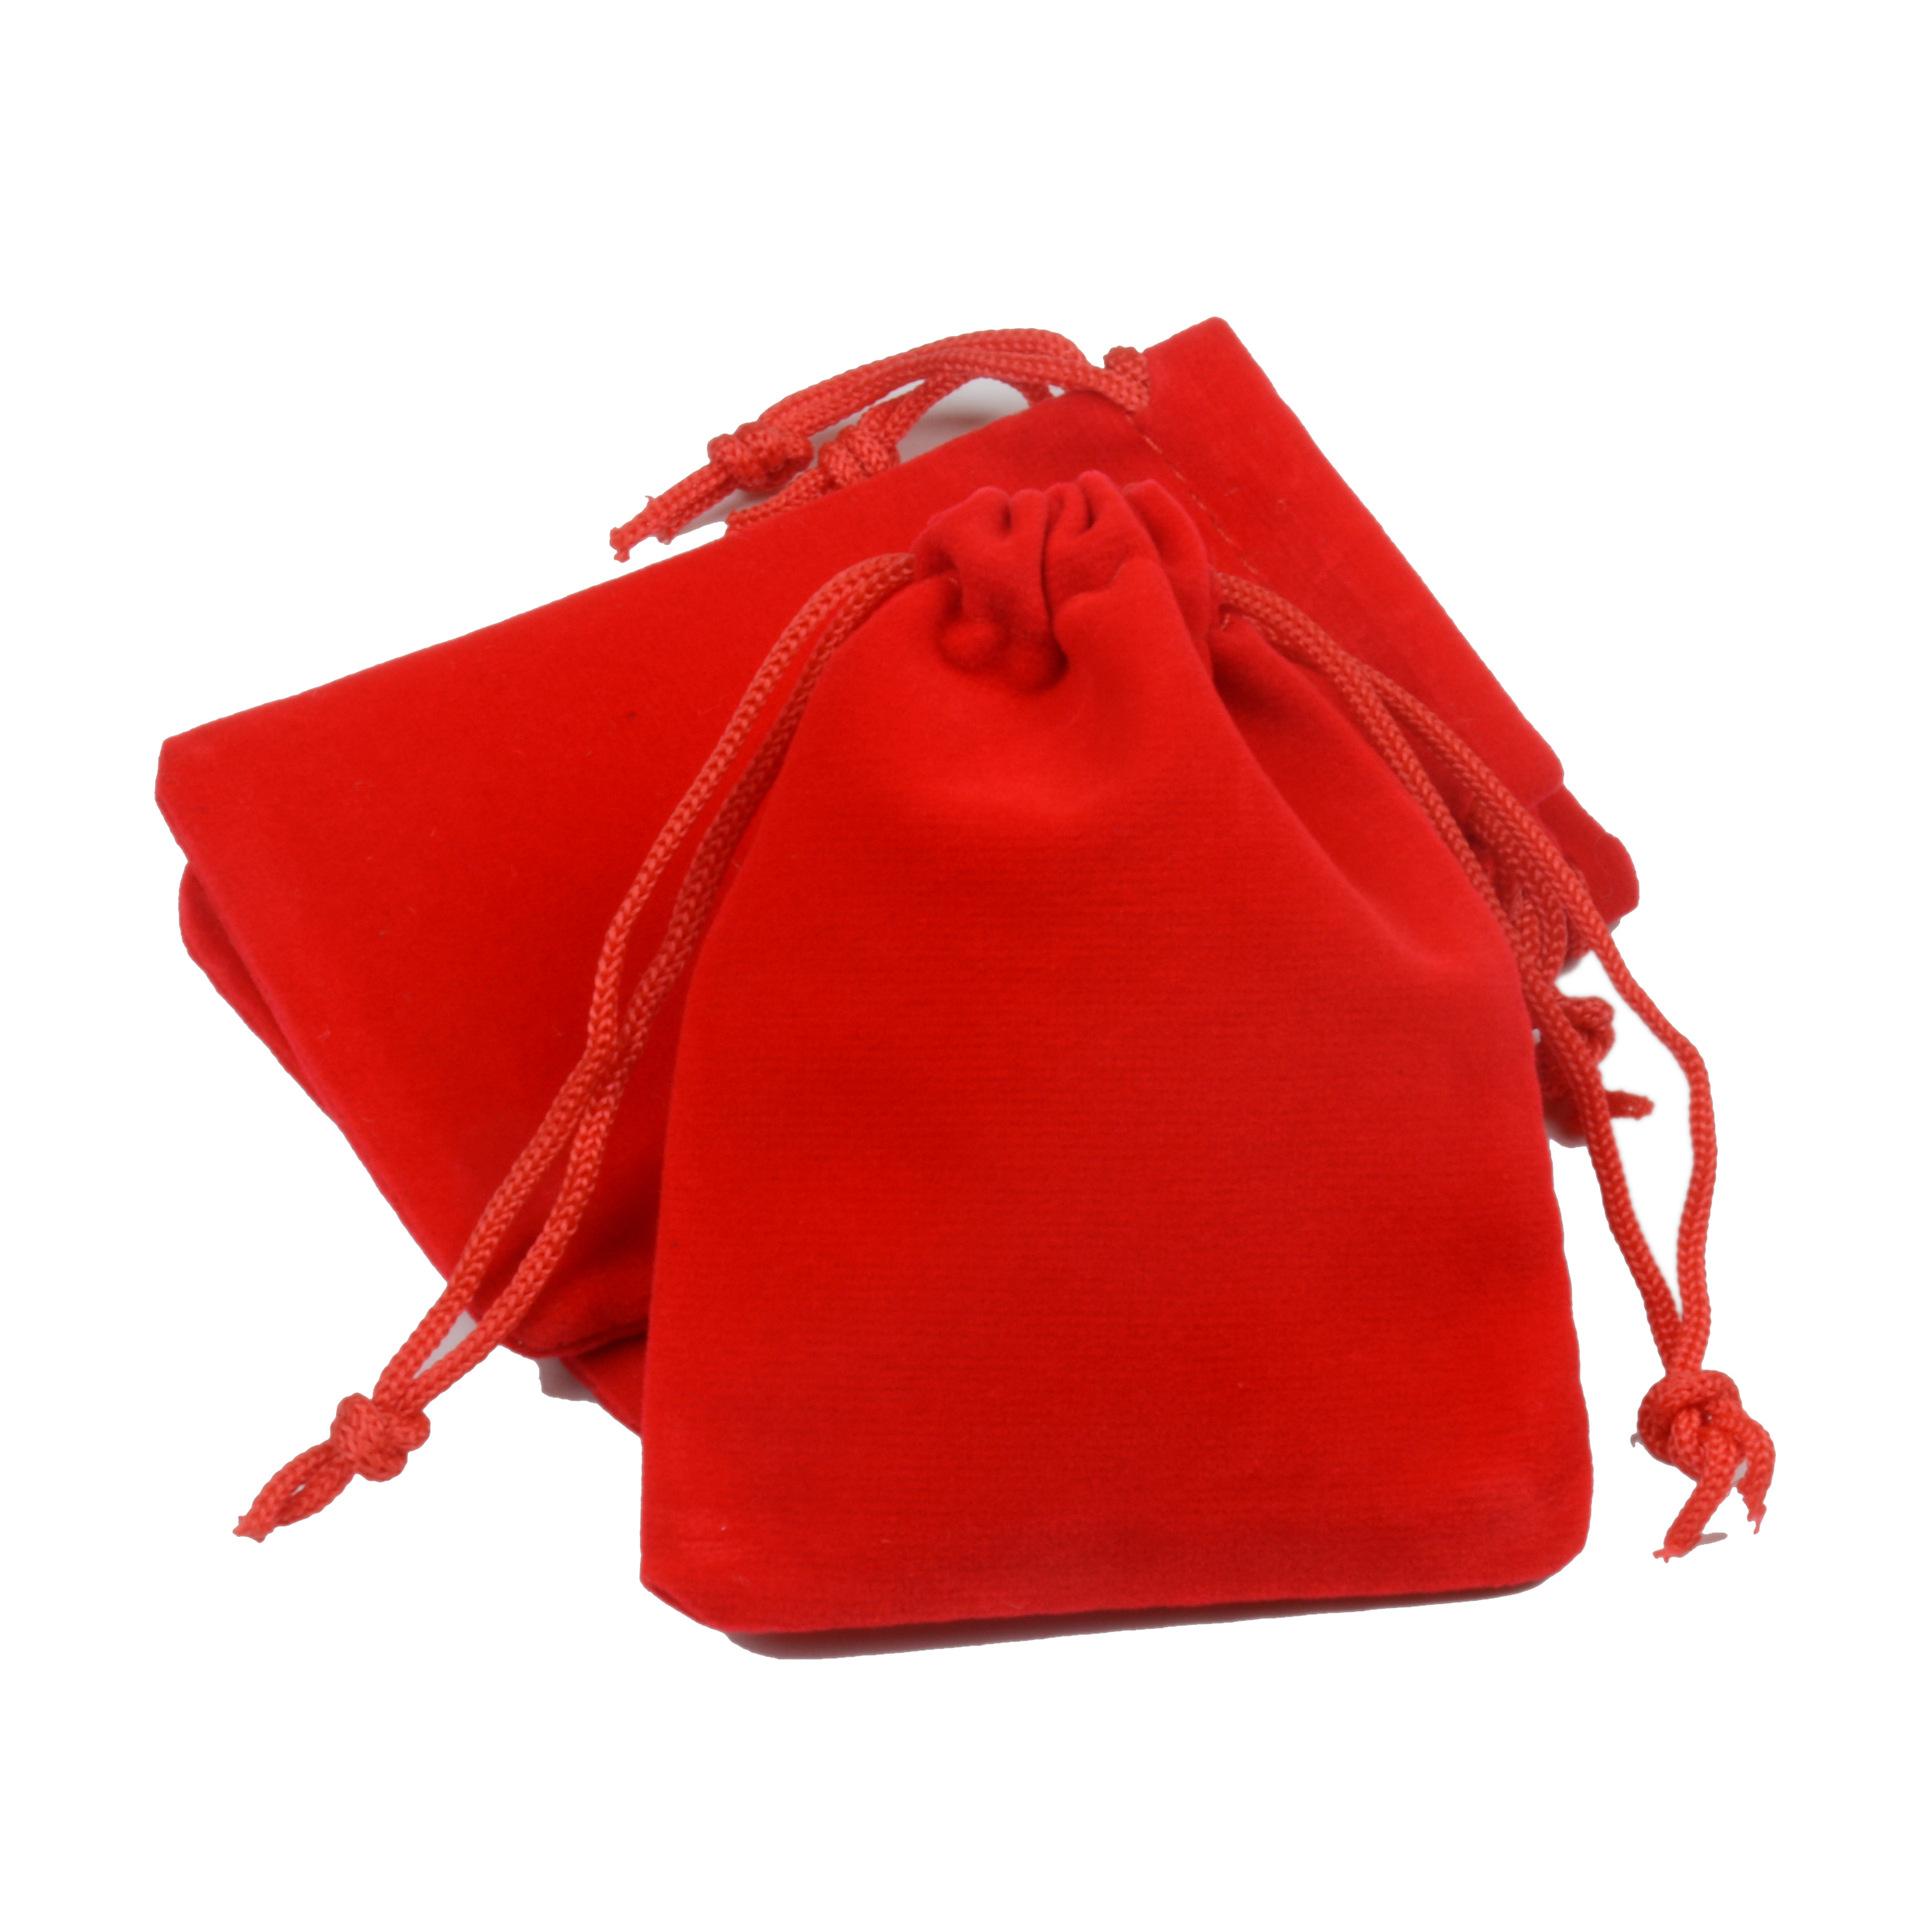 LANWAYLUCKY Jewelry velvet cloth bag velvet gift bundle mouth velvet bag black velvet environmental